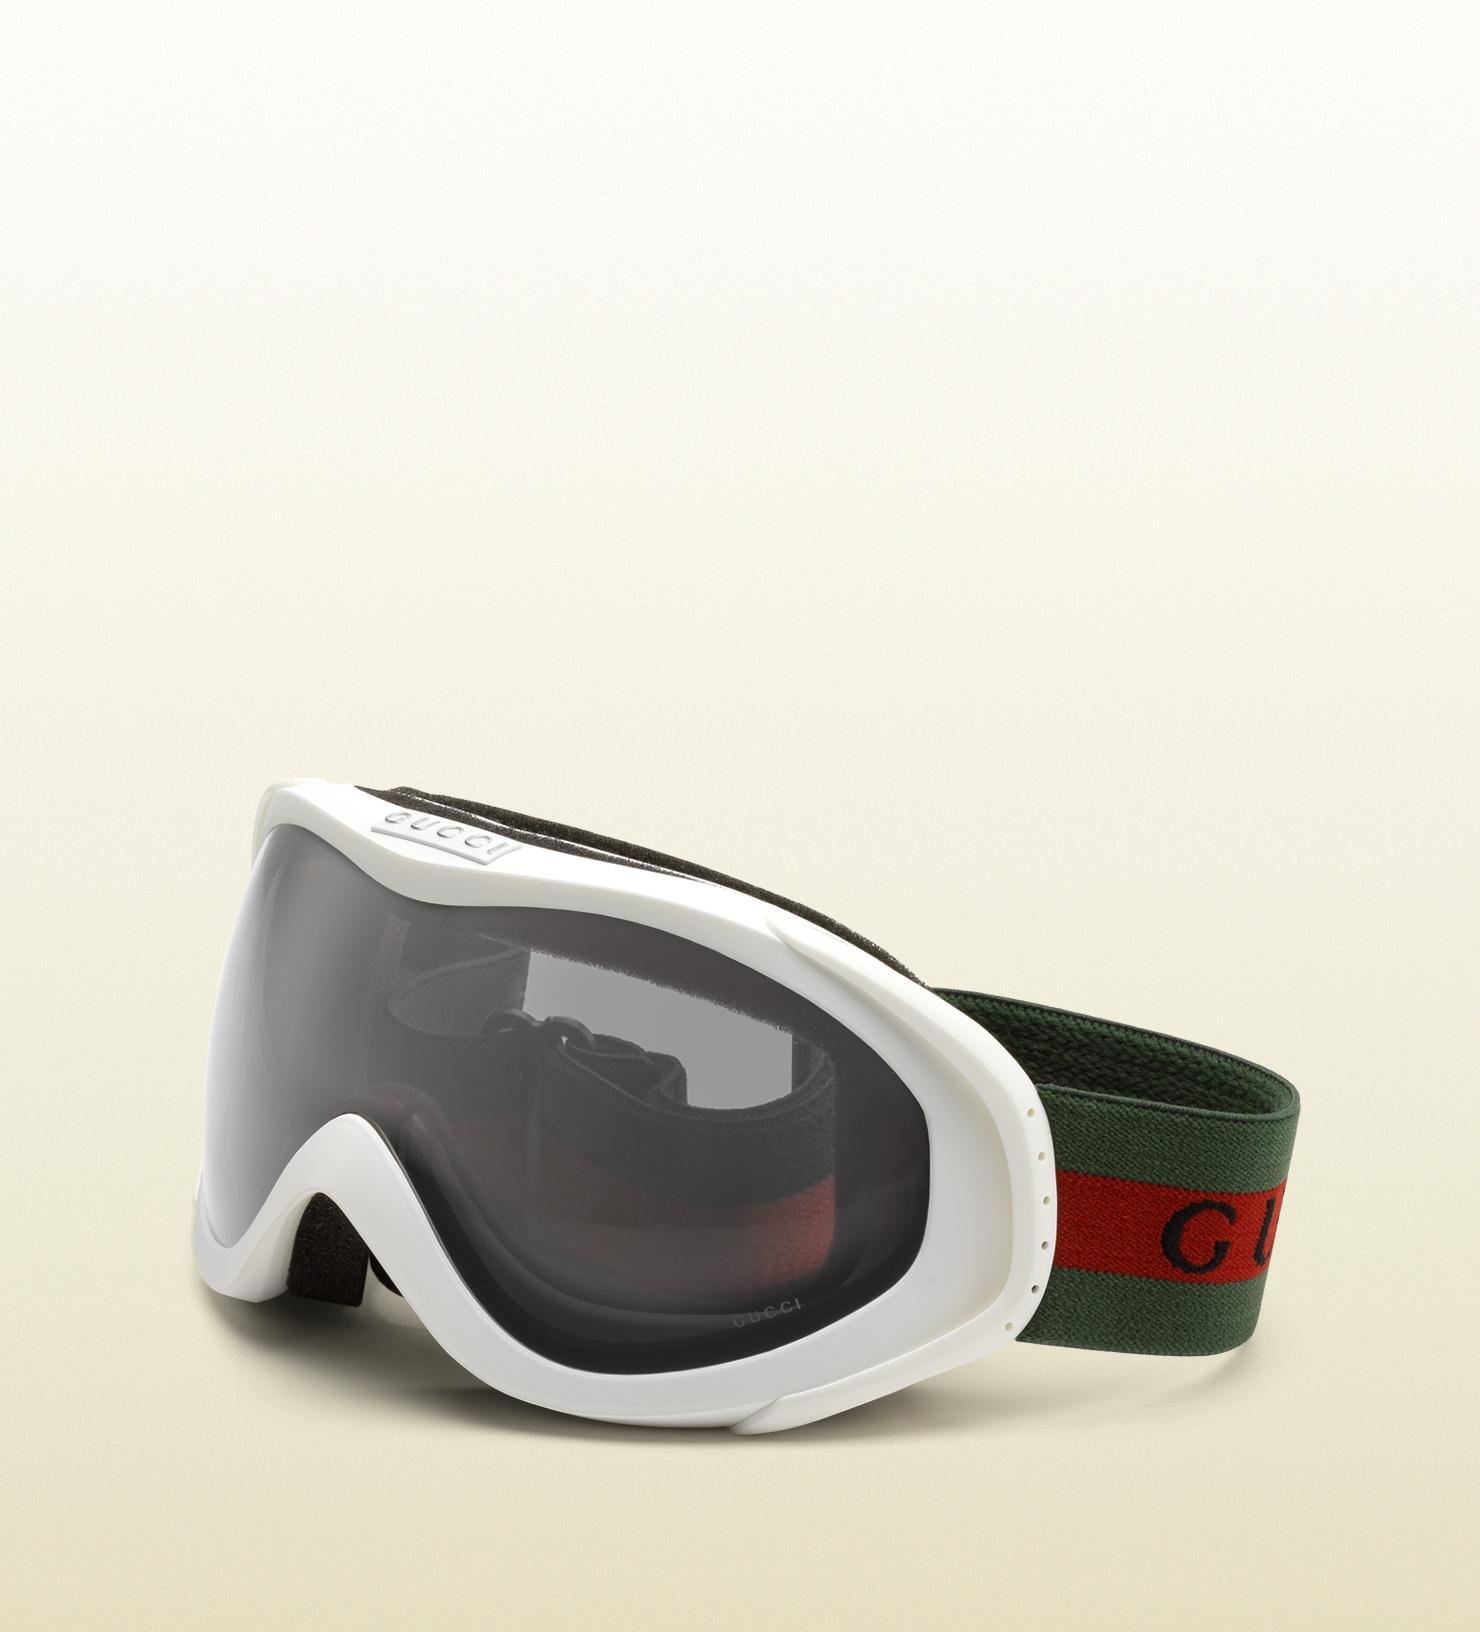 61106a7beb7 Lyst - Gucci White Ski Goggles in Green for Men